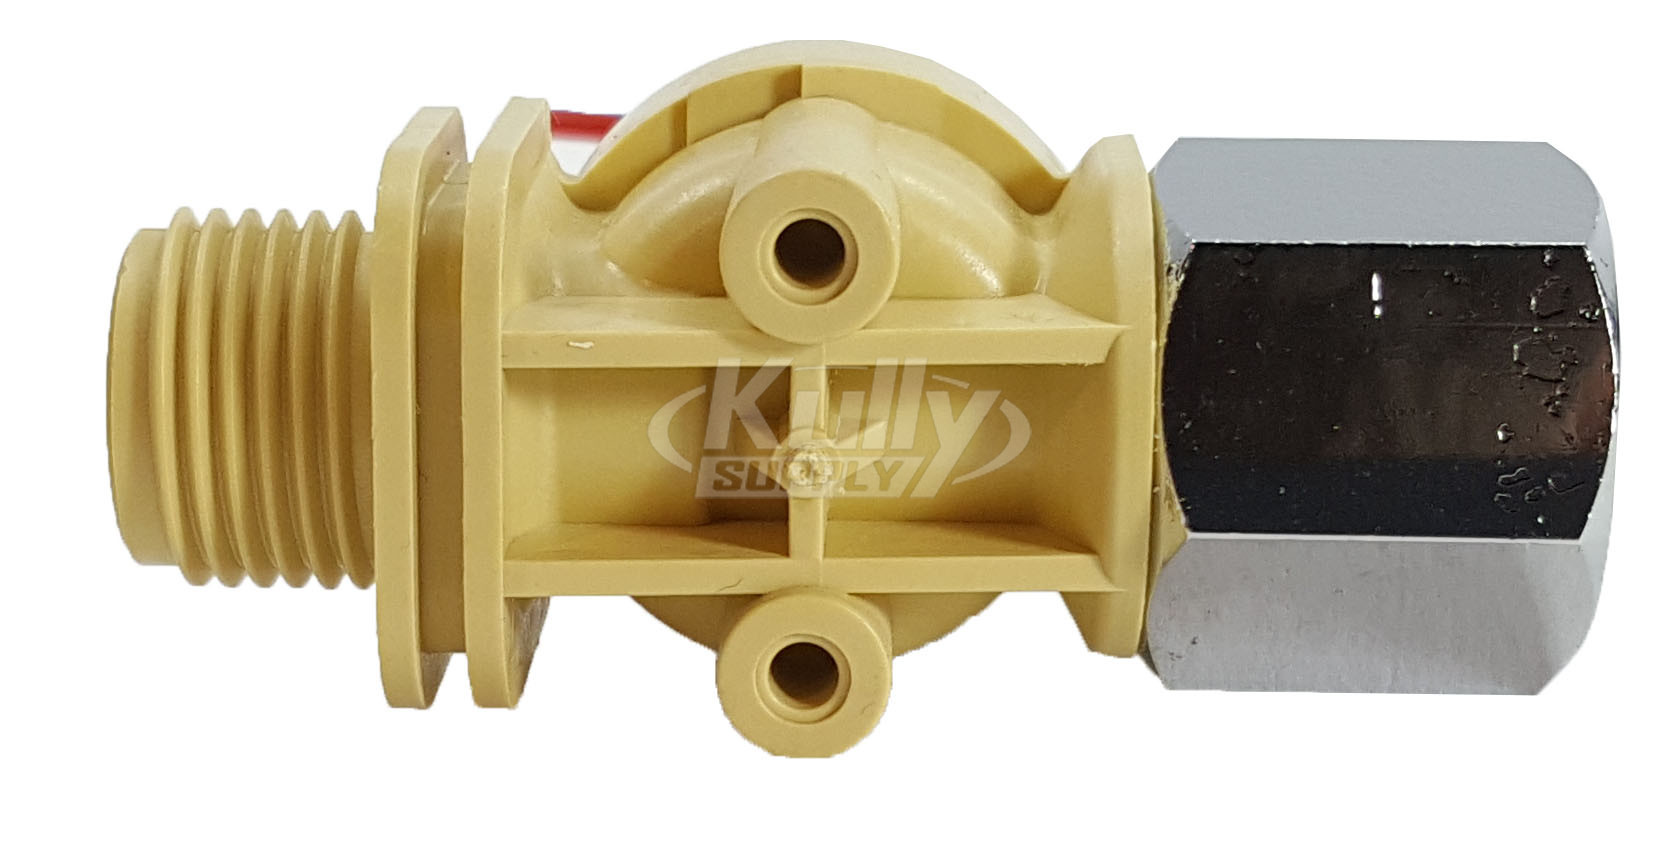 Intersan P2712 Solenoid Valve For Cso Kullysupply Com